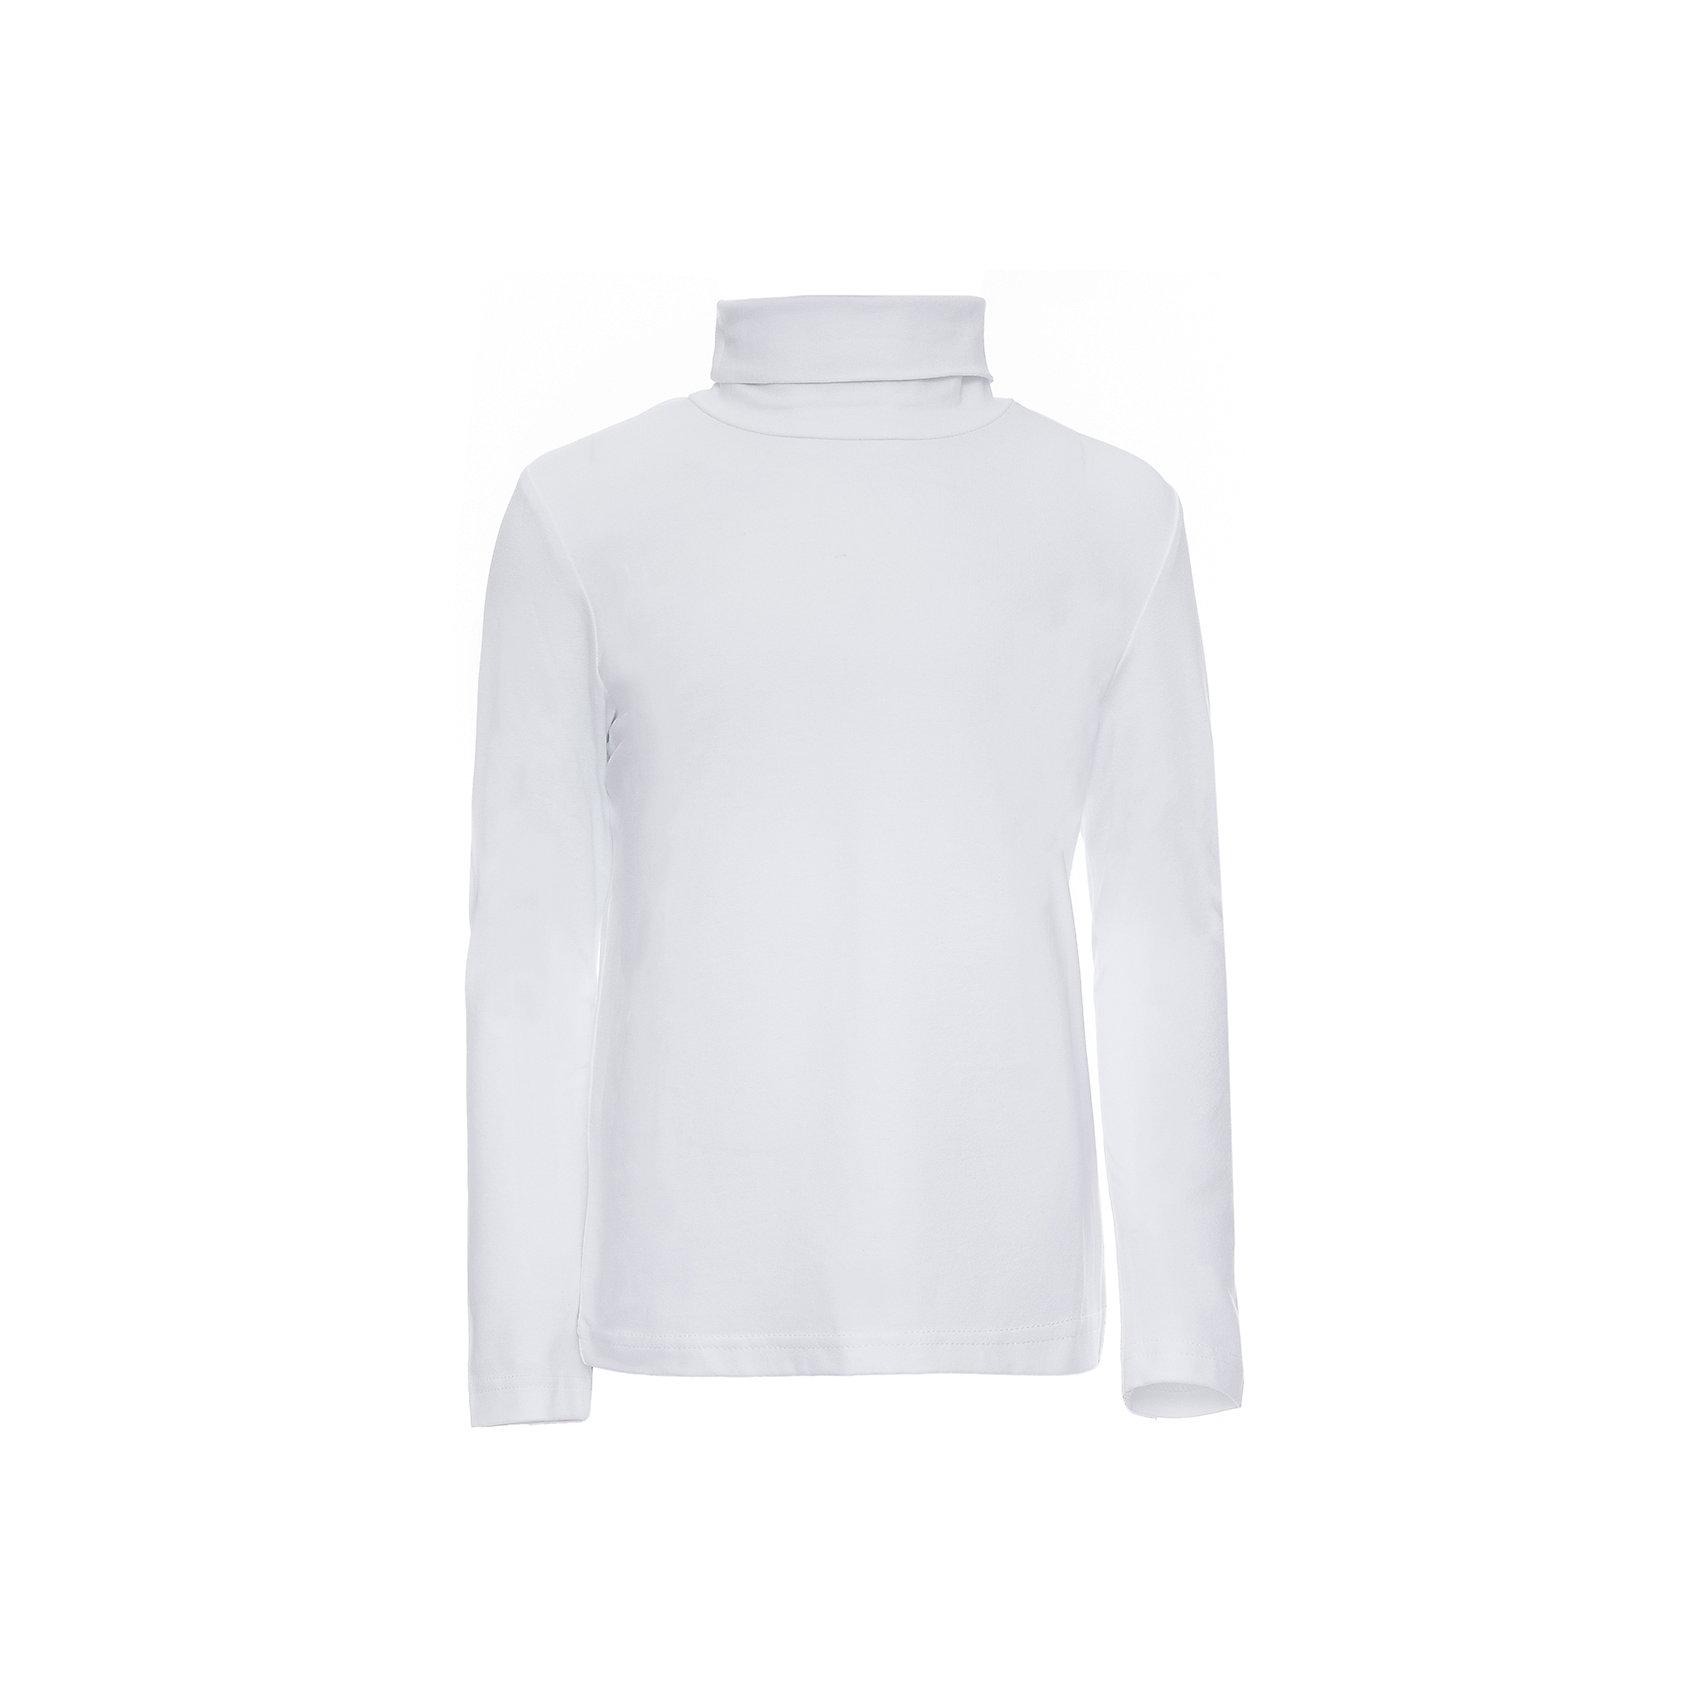 Водолазка для мальчика ScoolВодолазка для мальчика от известного бренда Scool<br>Состав:<br>92% хлопок, 8% эластан<br>Уютная белая водолазка с высоким воротником. Хорошо смотрится с любыми брюками и джинсами.<br><br>Ширина мм: 230<br>Глубина мм: 40<br>Высота мм: 220<br>Вес г: 250<br>Цвет: белый<br>Возраст от месяцев: 108<br>Возраст до месяцев: 120<br>Пол: Мужской<br>Возраст: Детский<br>Размер: 140,128,122,134,146<br>SKU: 4686760